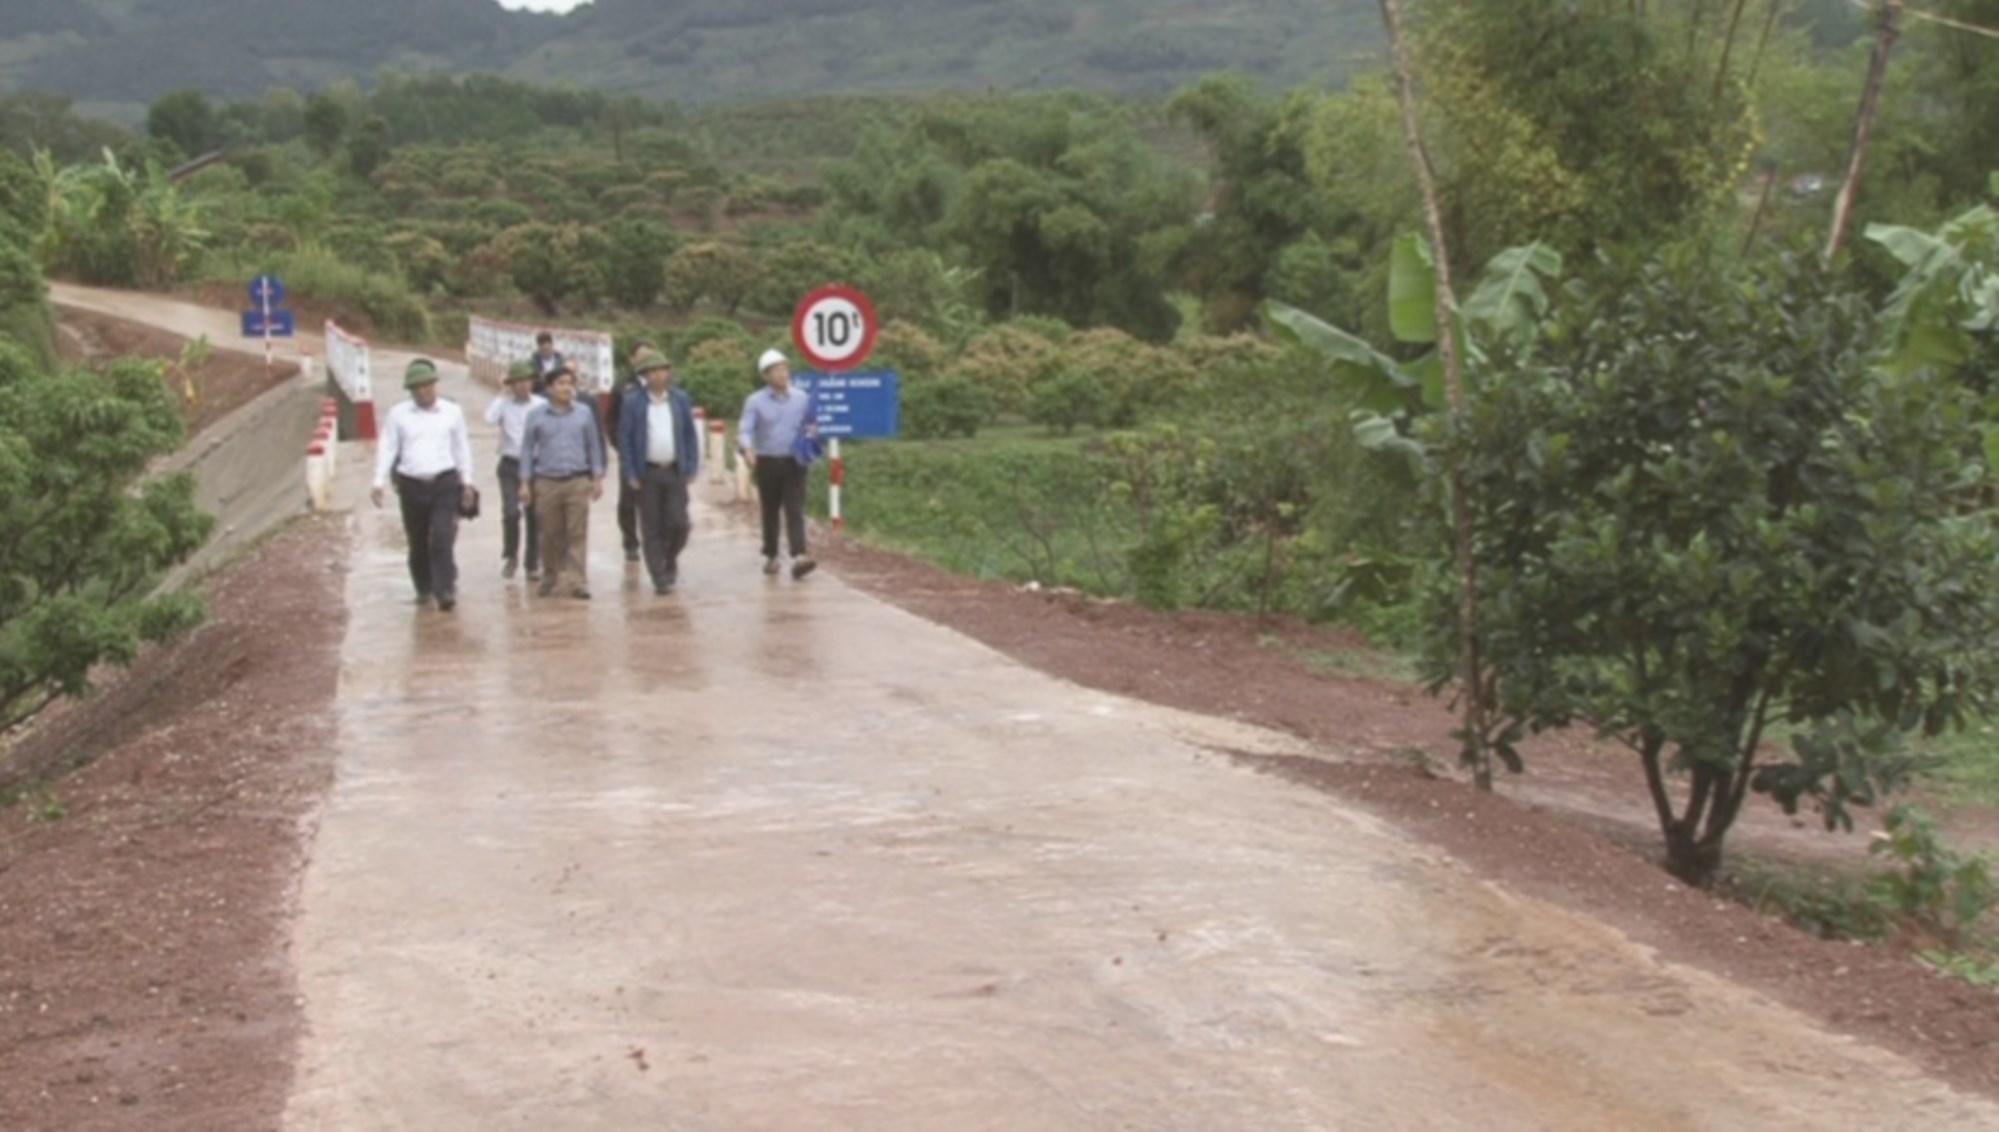 Thực hiện hiệu quả chính sách dân tộc đã góp phần thúc đẩy quá trình hoàn thiện, cơ sở hạ tầng vùng DTTS miền núi.